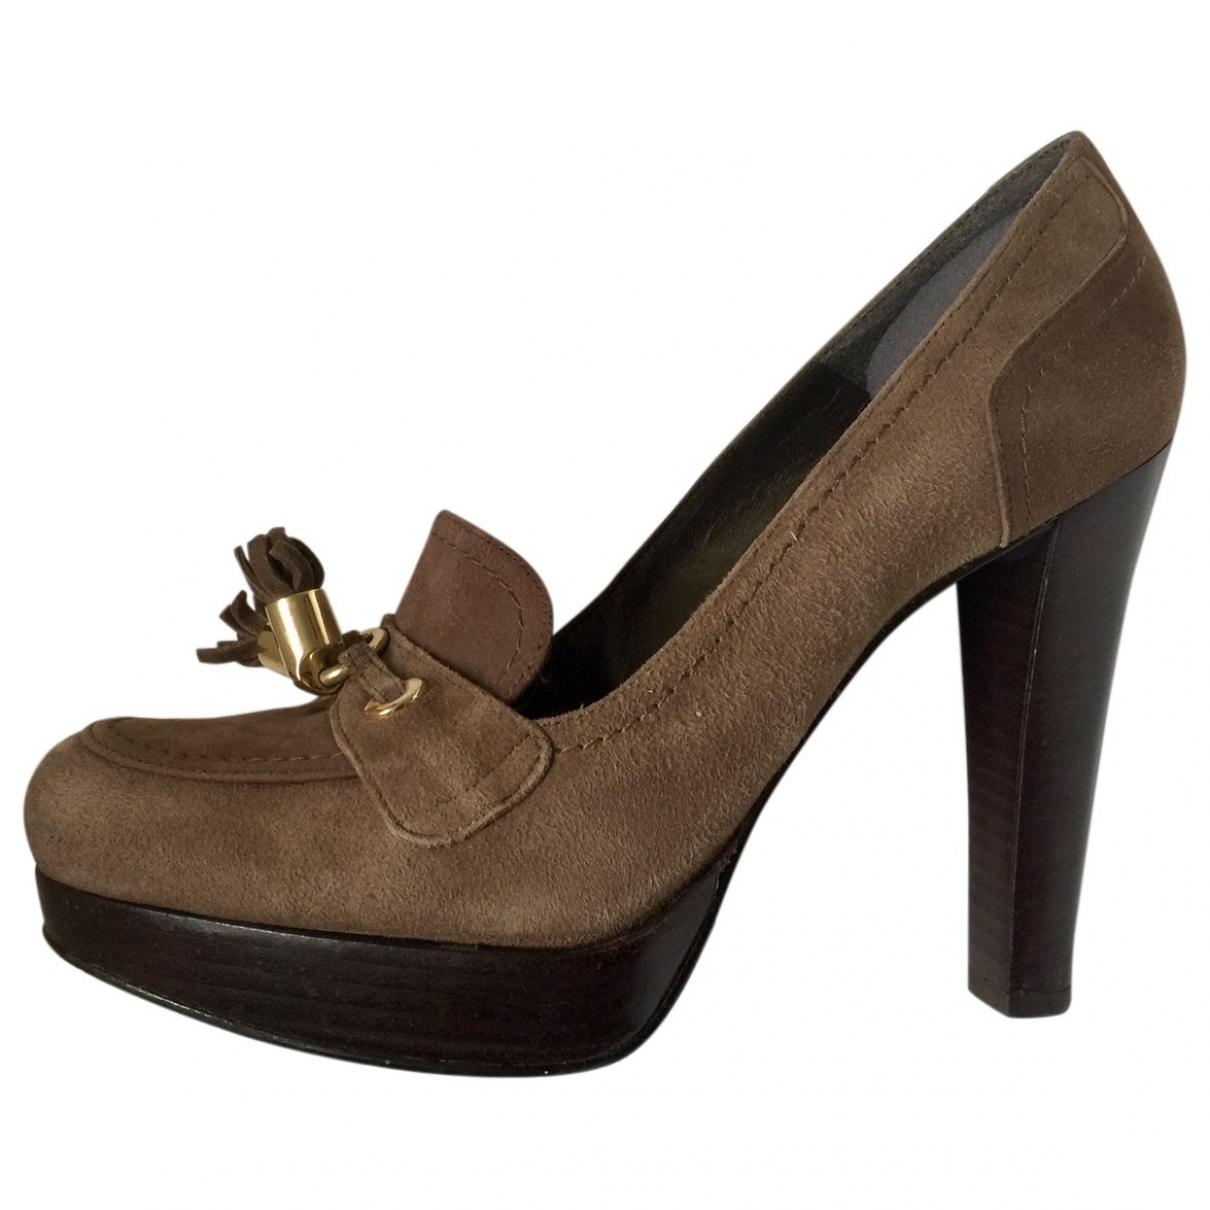 Stuart Weitzman \N Brown Suede Heels for Women 7.5 US